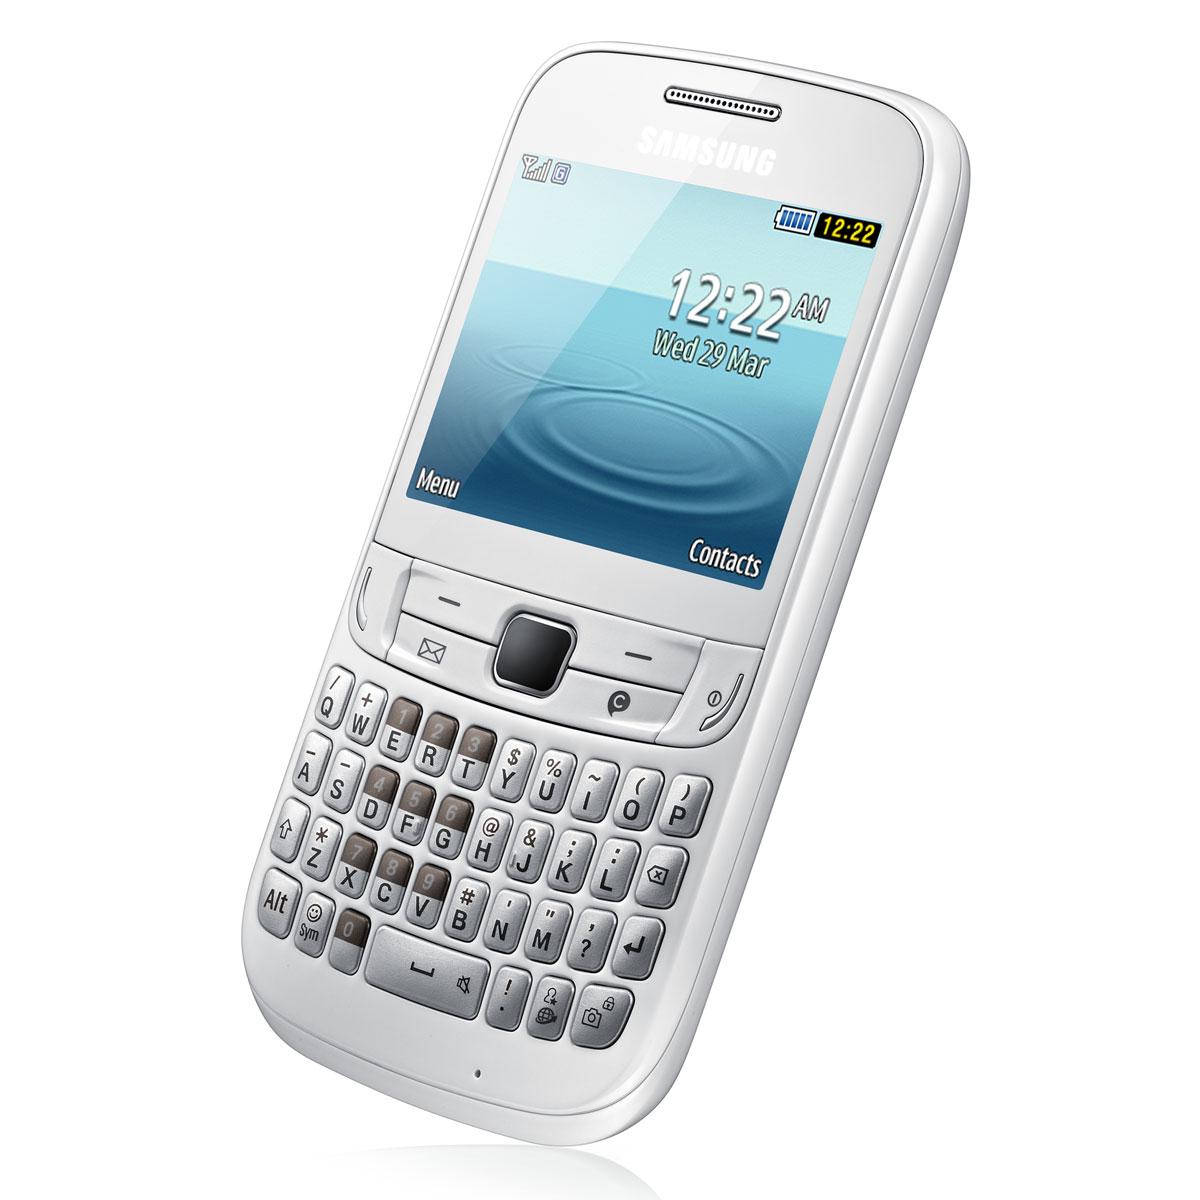 samsung ch t 357 gt s3570 blanc mobile smartphone. Black Bedroom Furniture Sets. Home Design Ideas